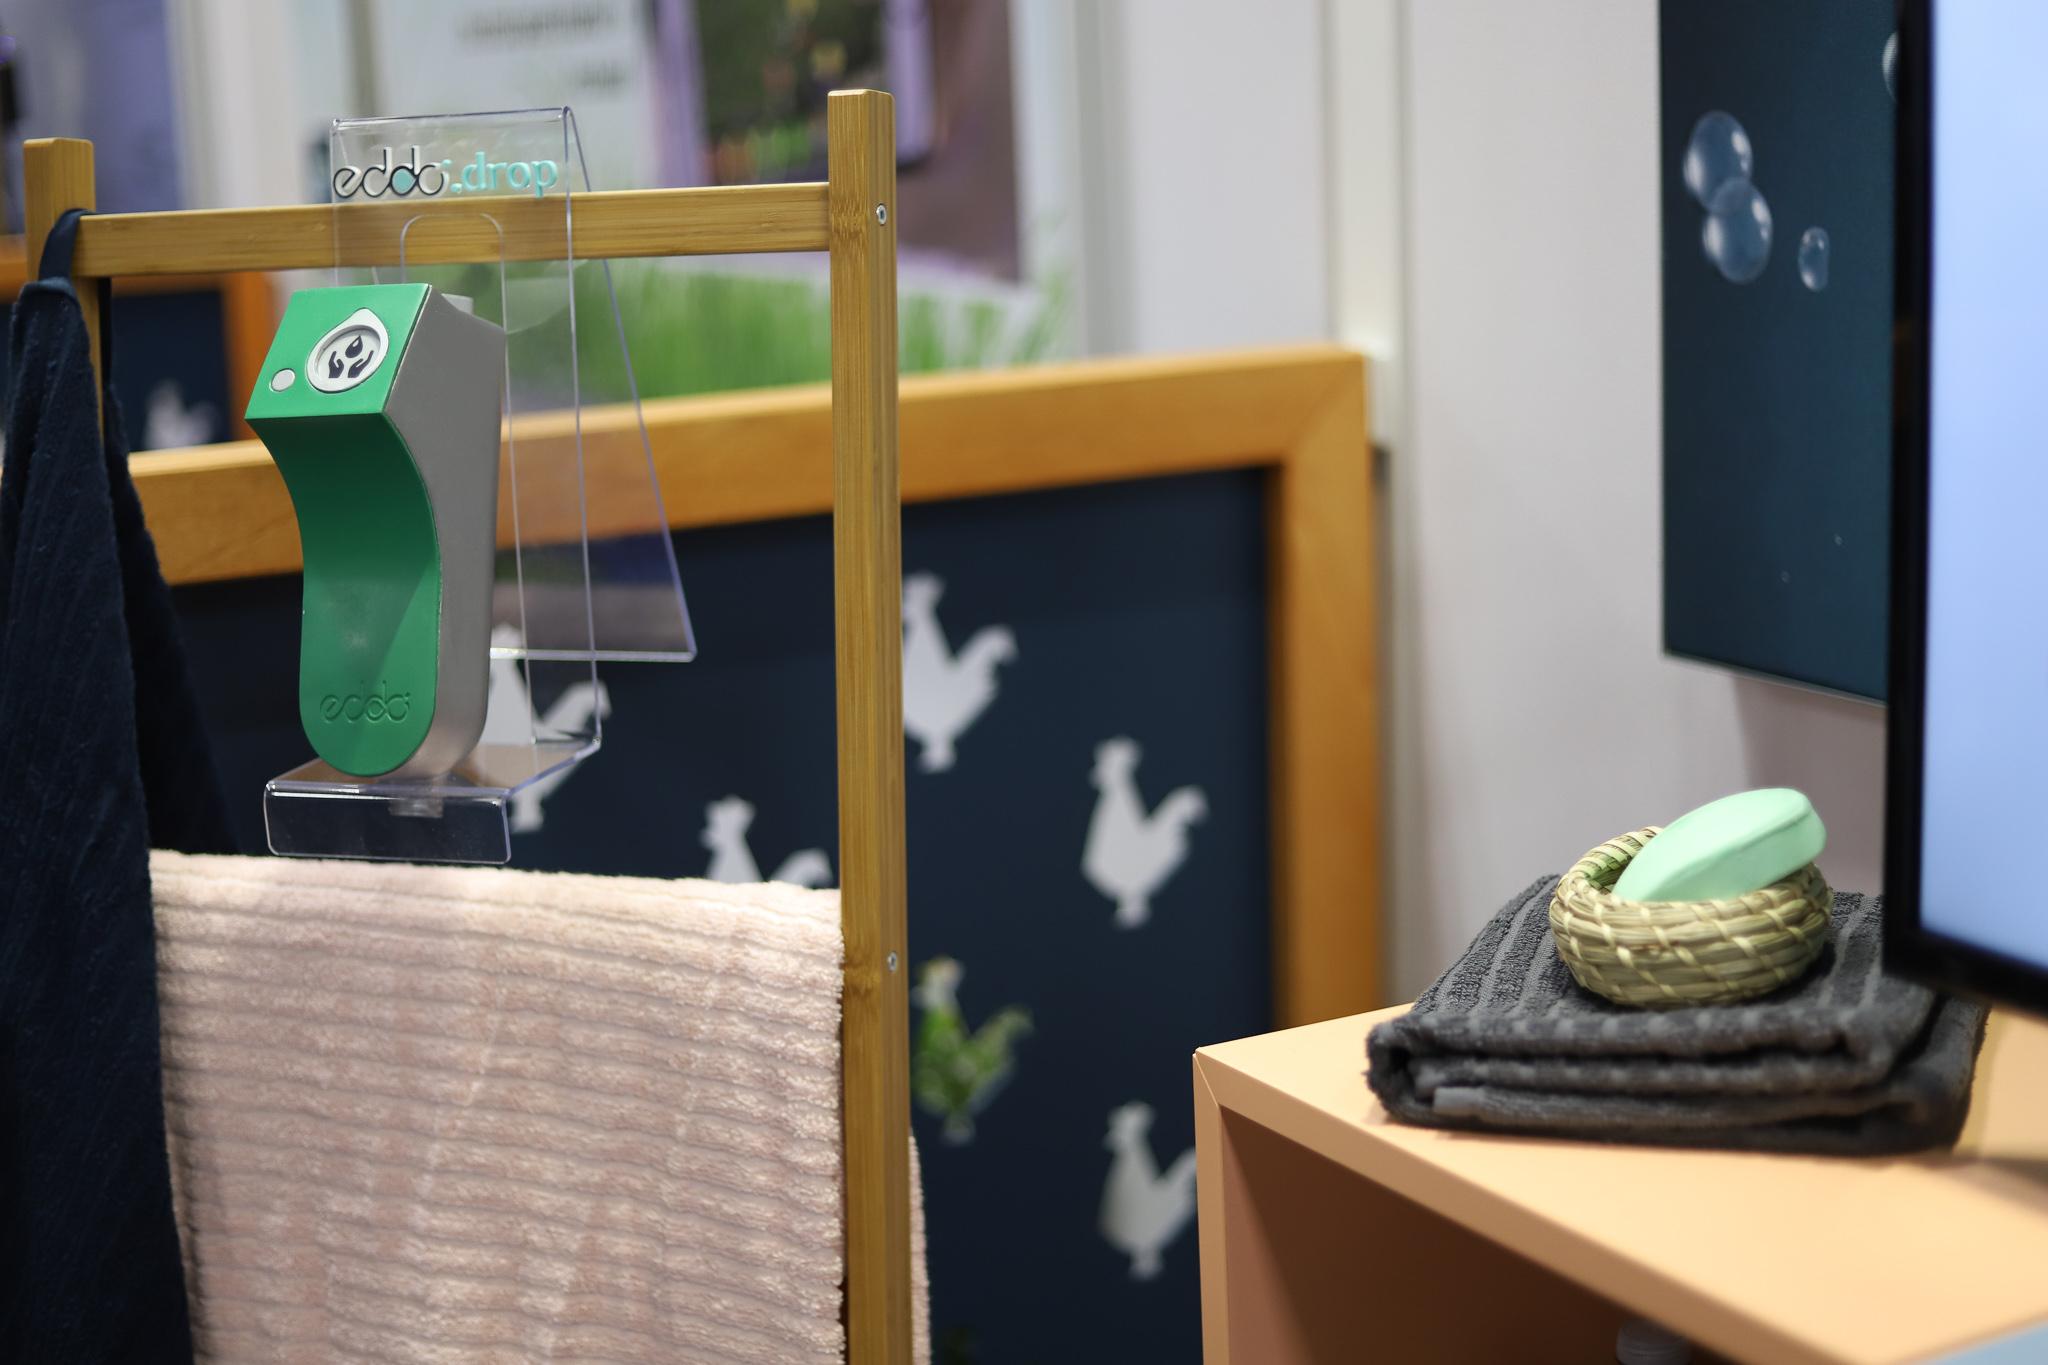 #CES2019 : Réduisez vos factures d'eau et d'énergie avec la commande de douche connectée EddoDrop